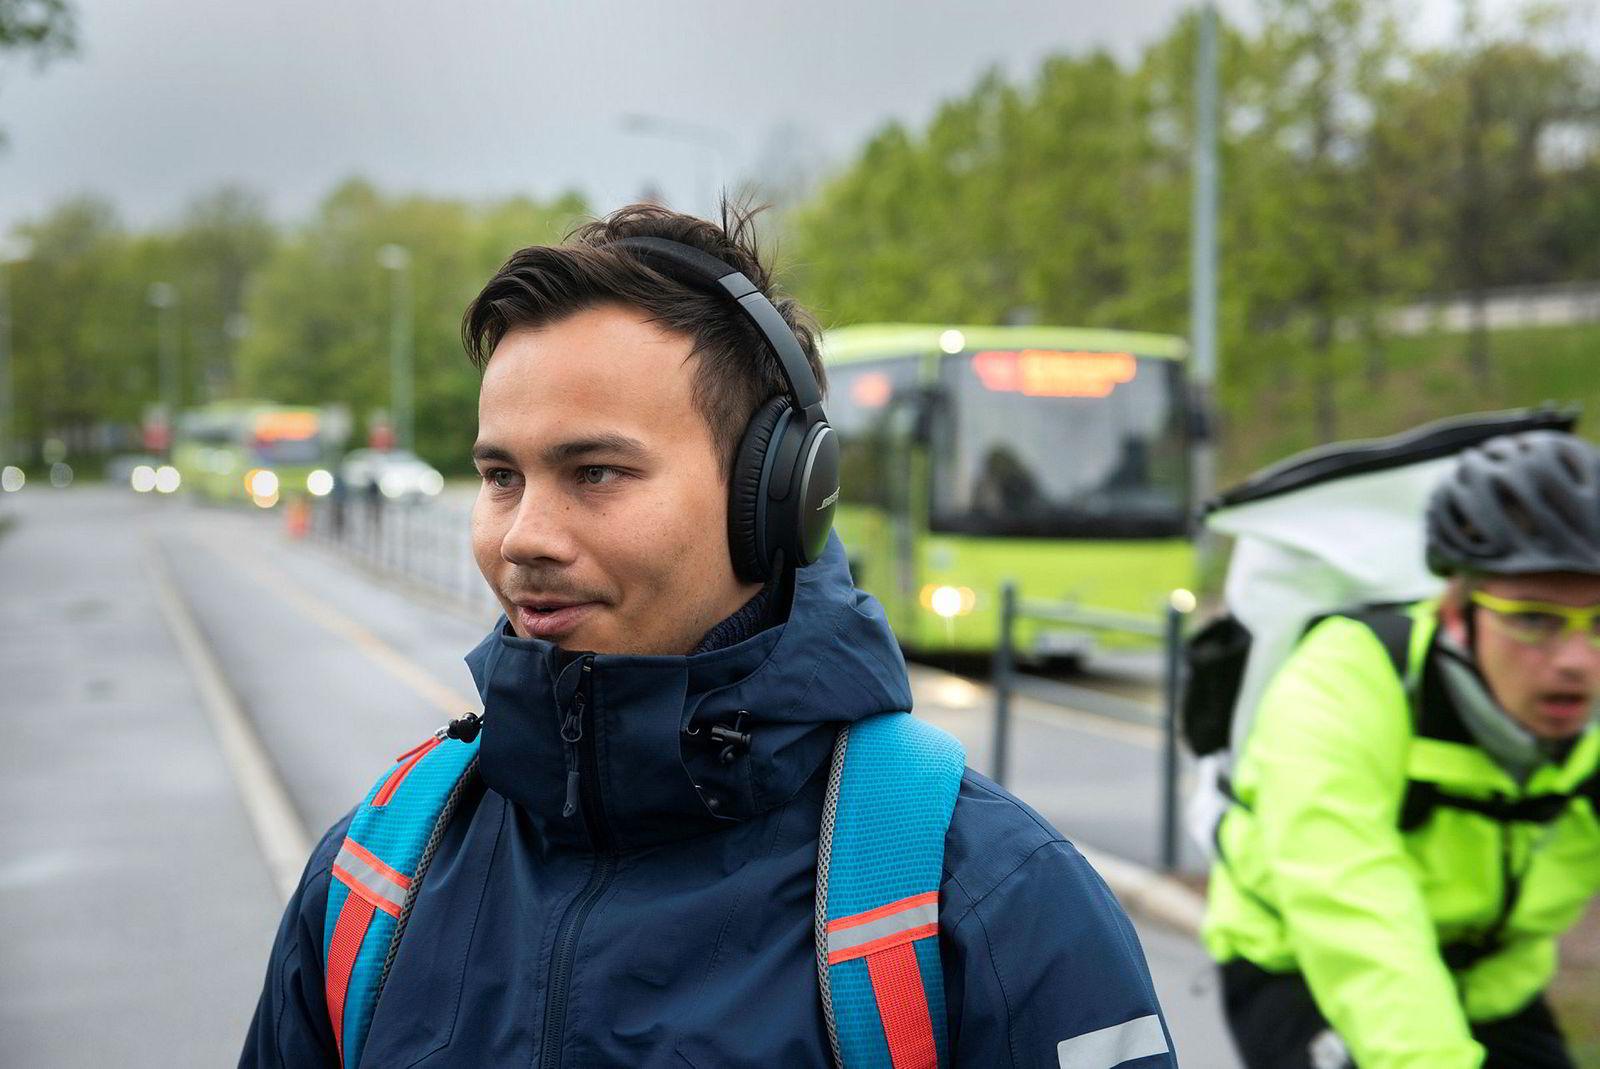 – Jeg tar bussen fra Asker til jobben på Bygdøy. Den er best, toget er stappfullt og folk står som sild i tønne. Derfor er det helt greit med at mer av pengene går til kollektivtilbudet, sier busspassasjer Joakim Nilsen (25).